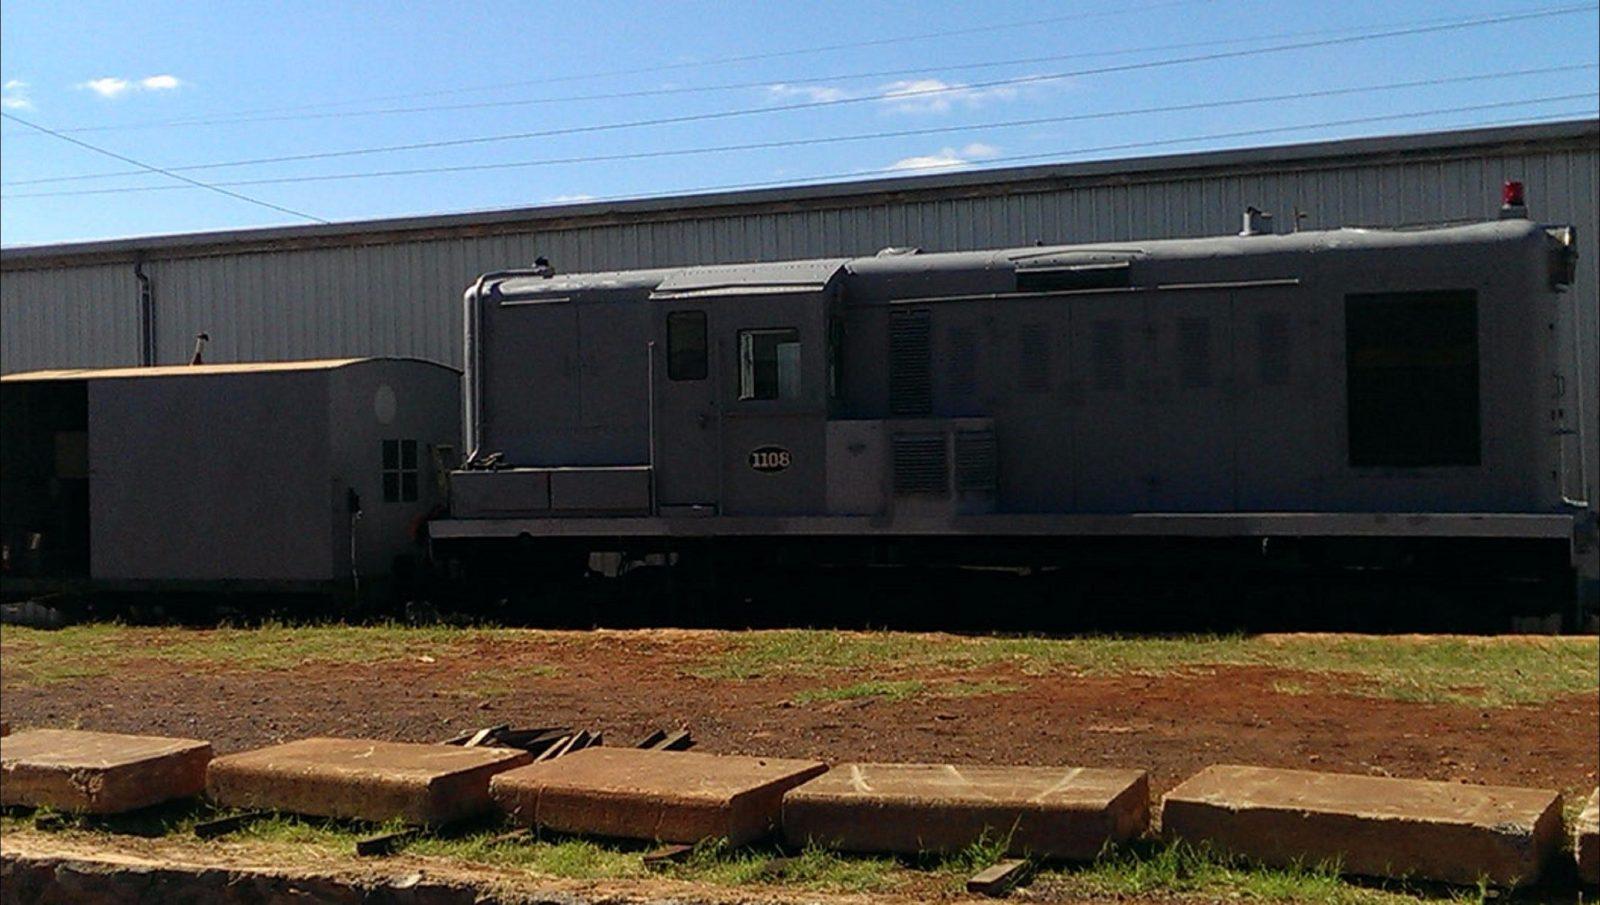 Loopline Railway and Museum, Boulder, Western Australia